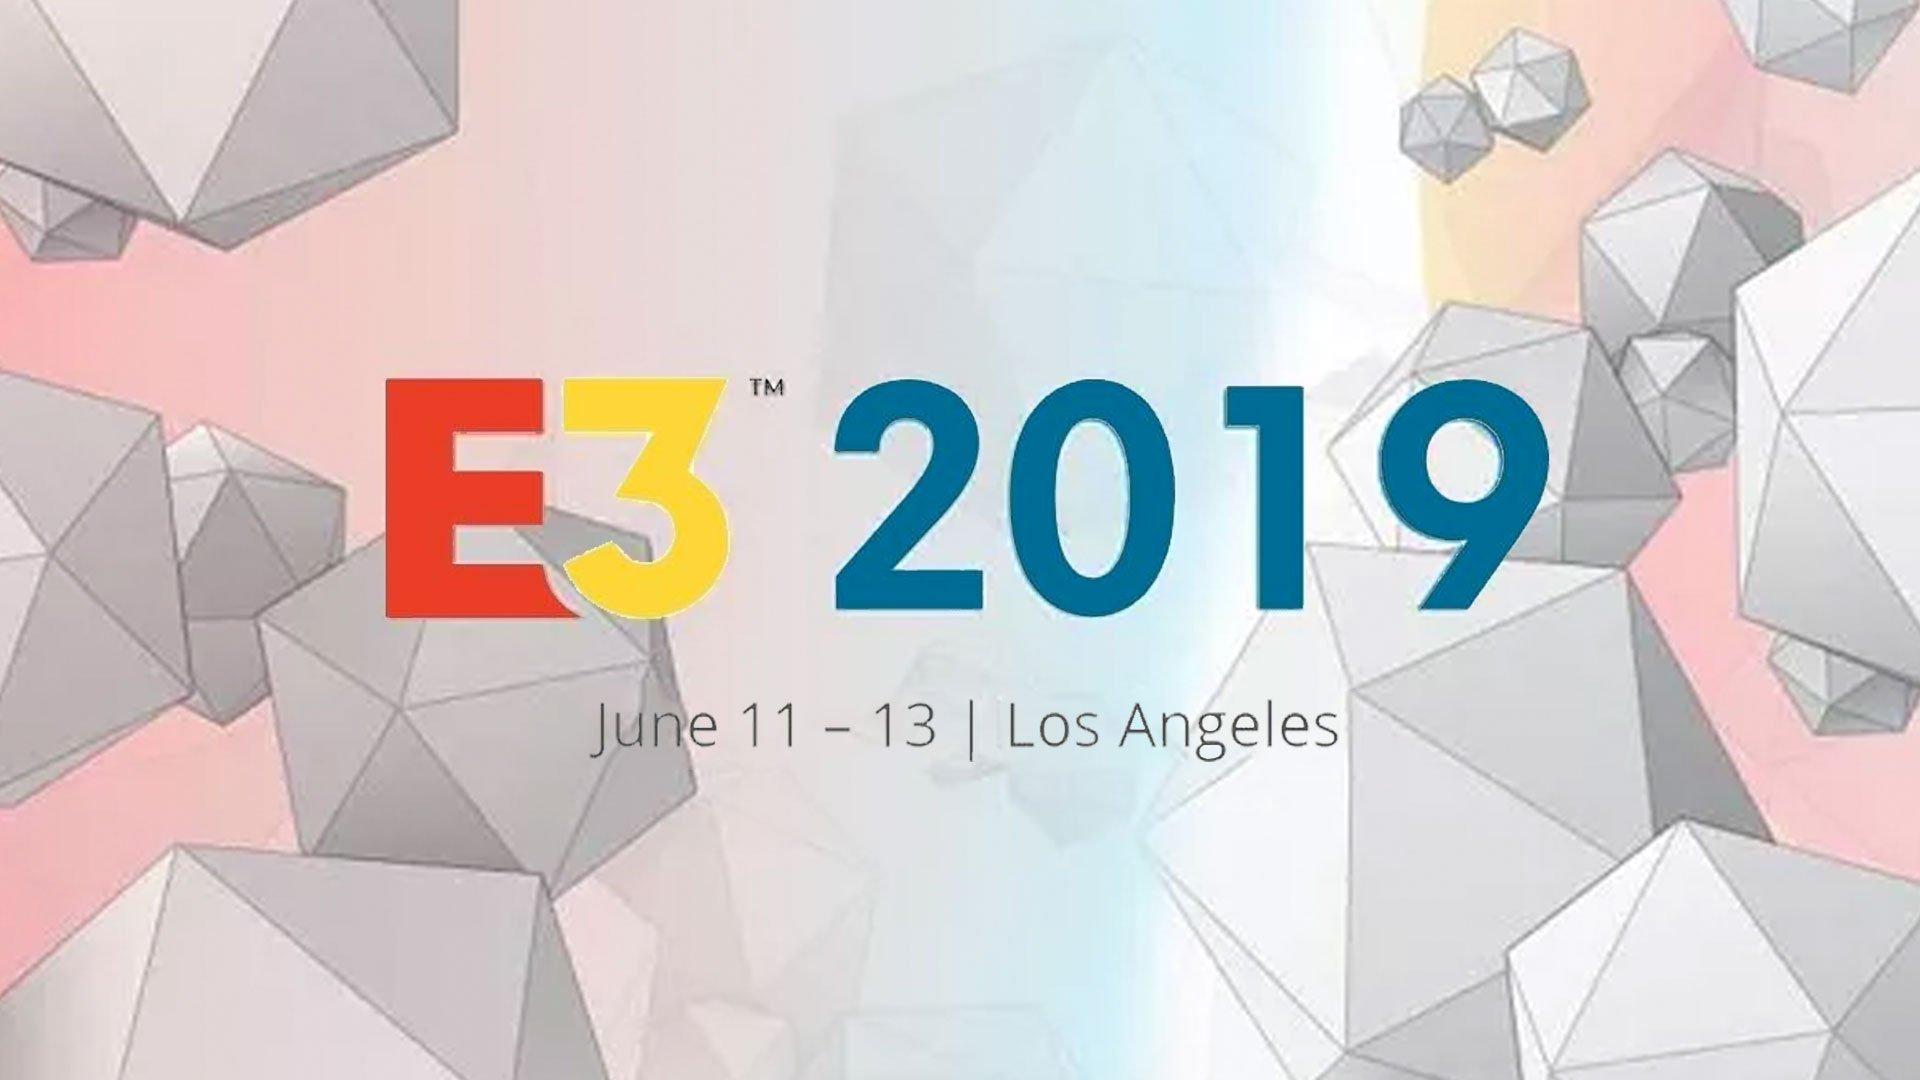 e3-2019-schedule-press-conference-2e82.jpg